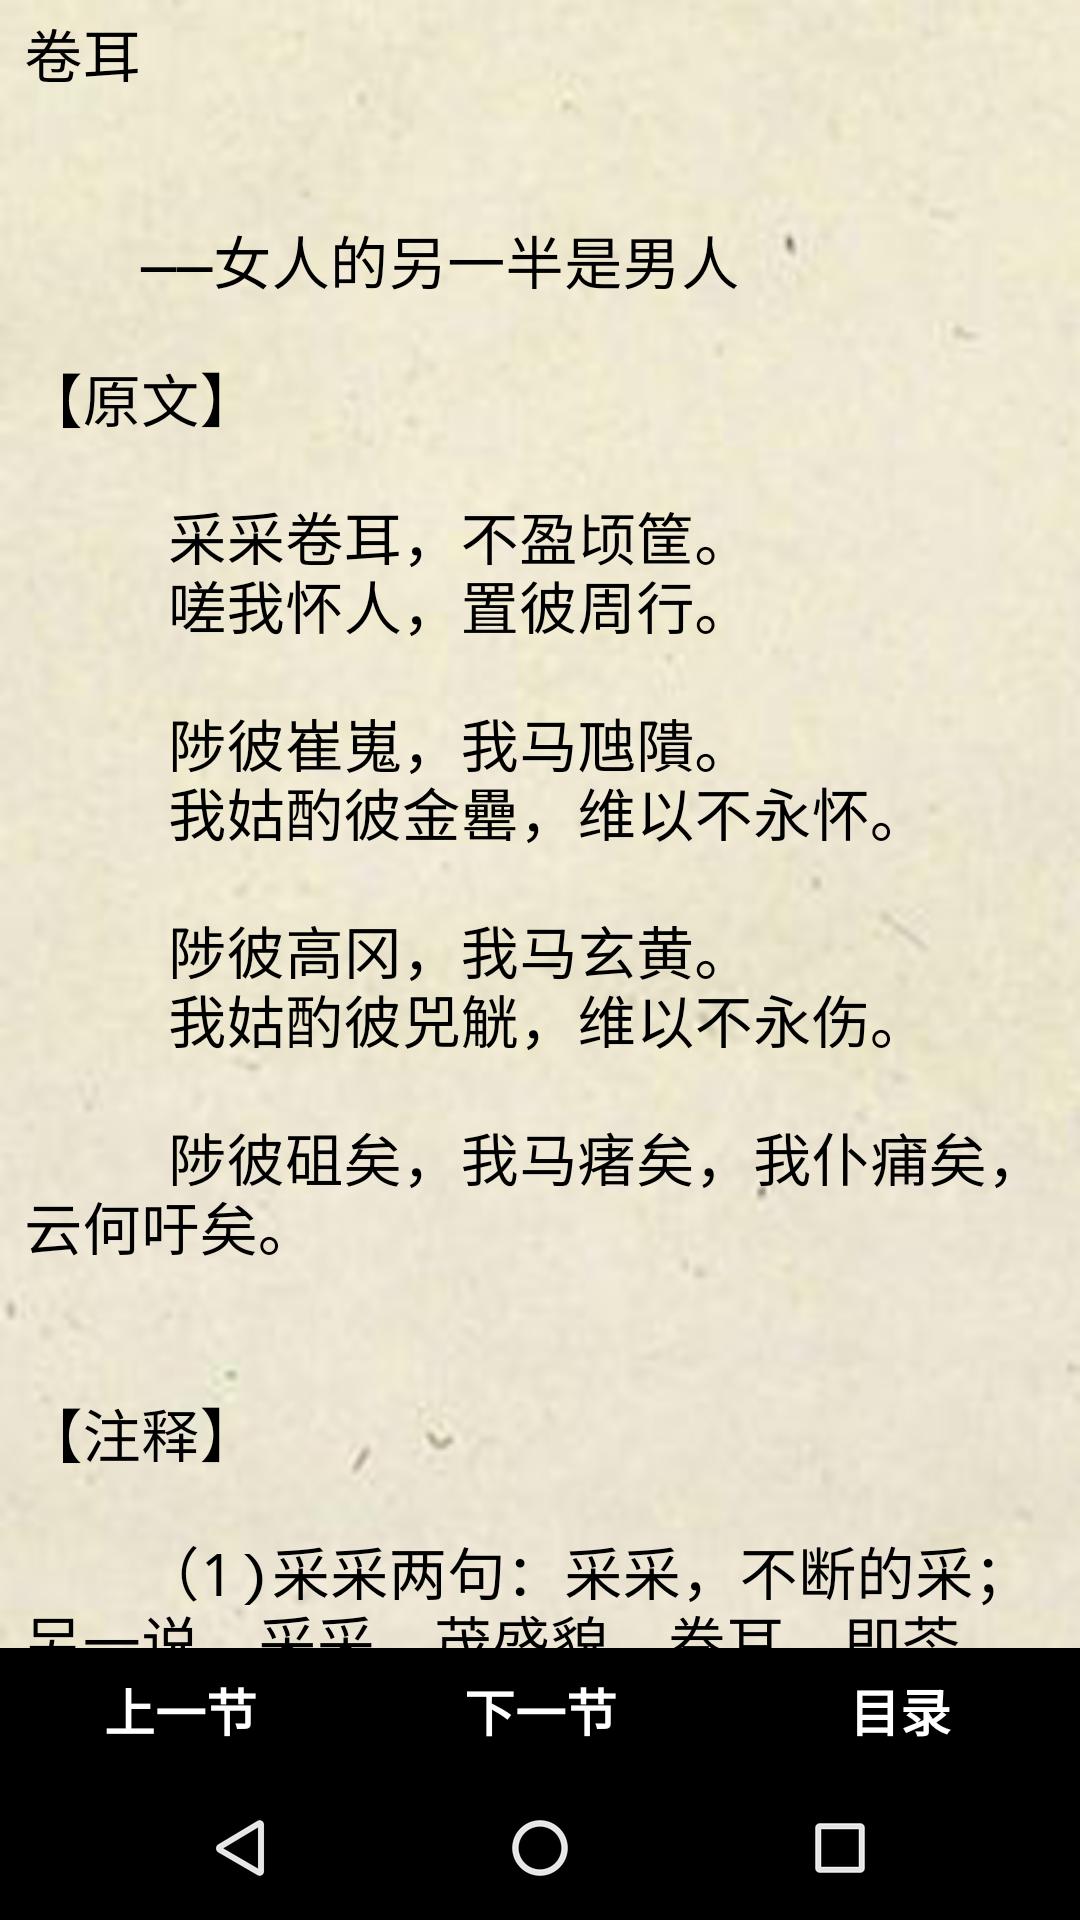 我的诗词经典名著